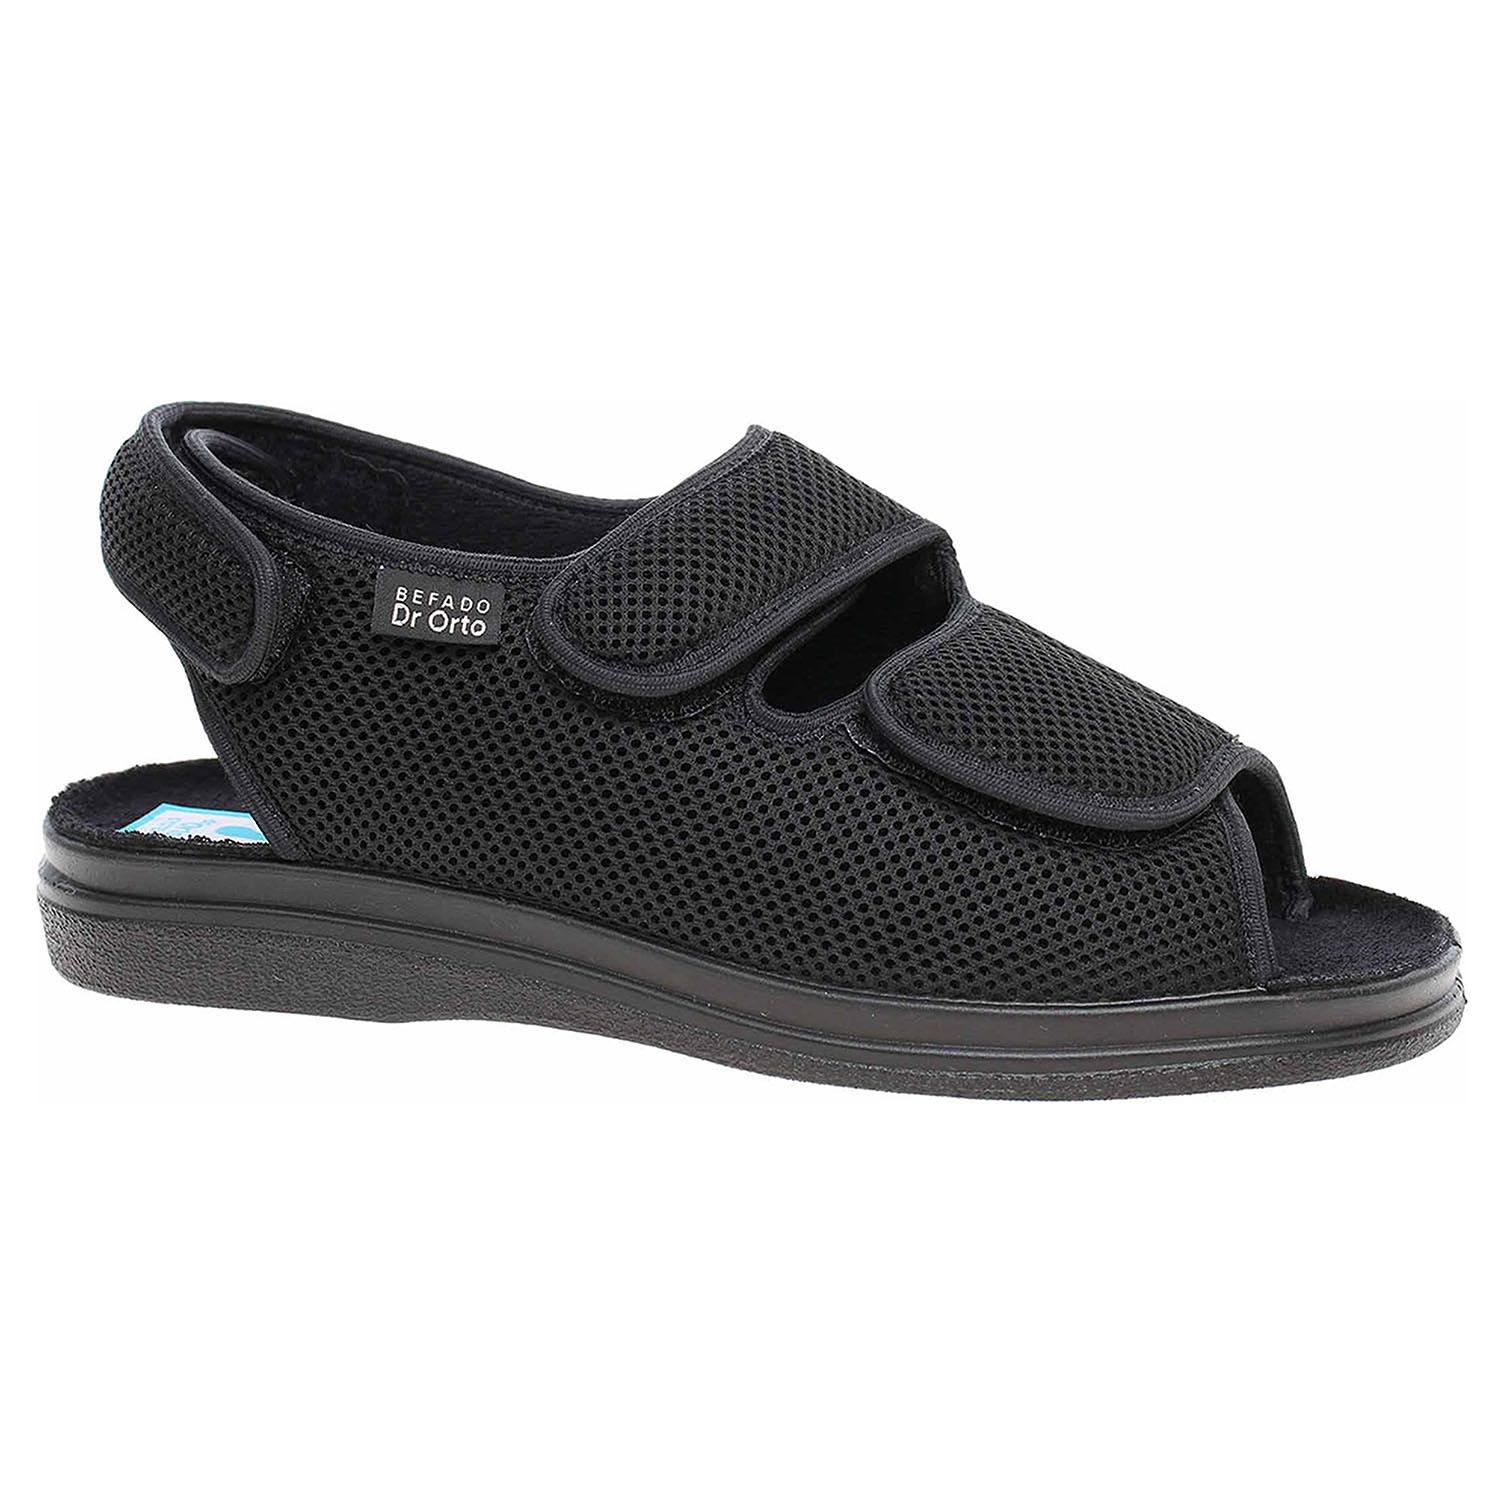 Domácí obuv Befado 733M007 černá 733M007 42